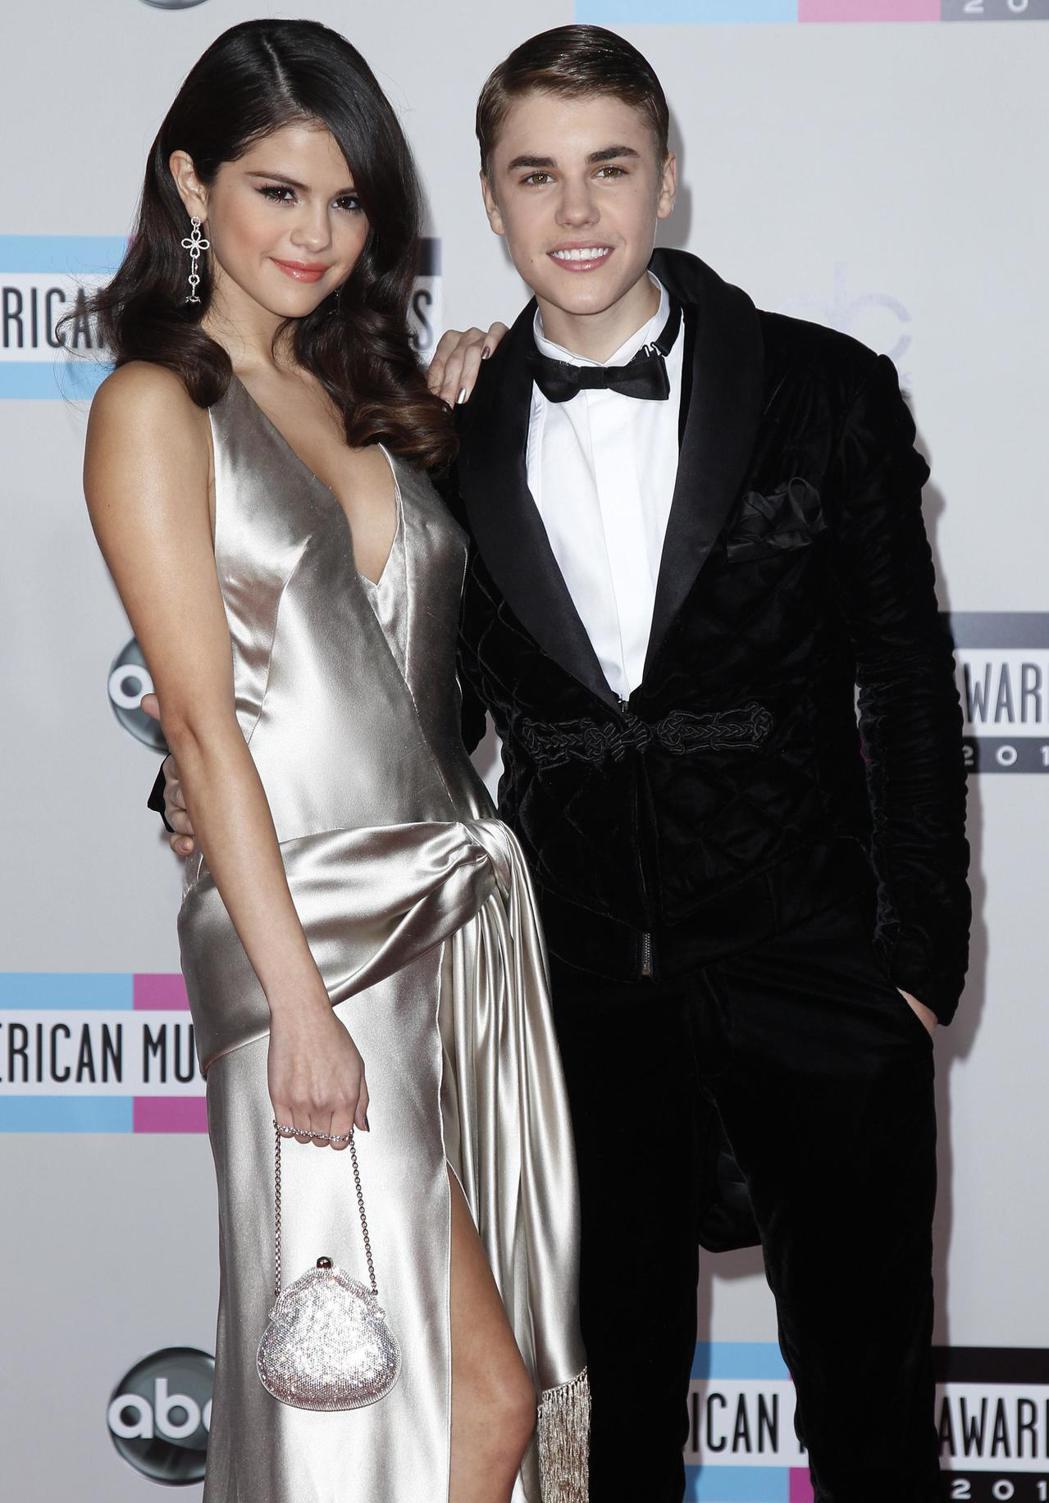 小賈斯汀與席琳娜曾是粉絲支持的樂壇偶像情侶檔。圖/路透資料照片